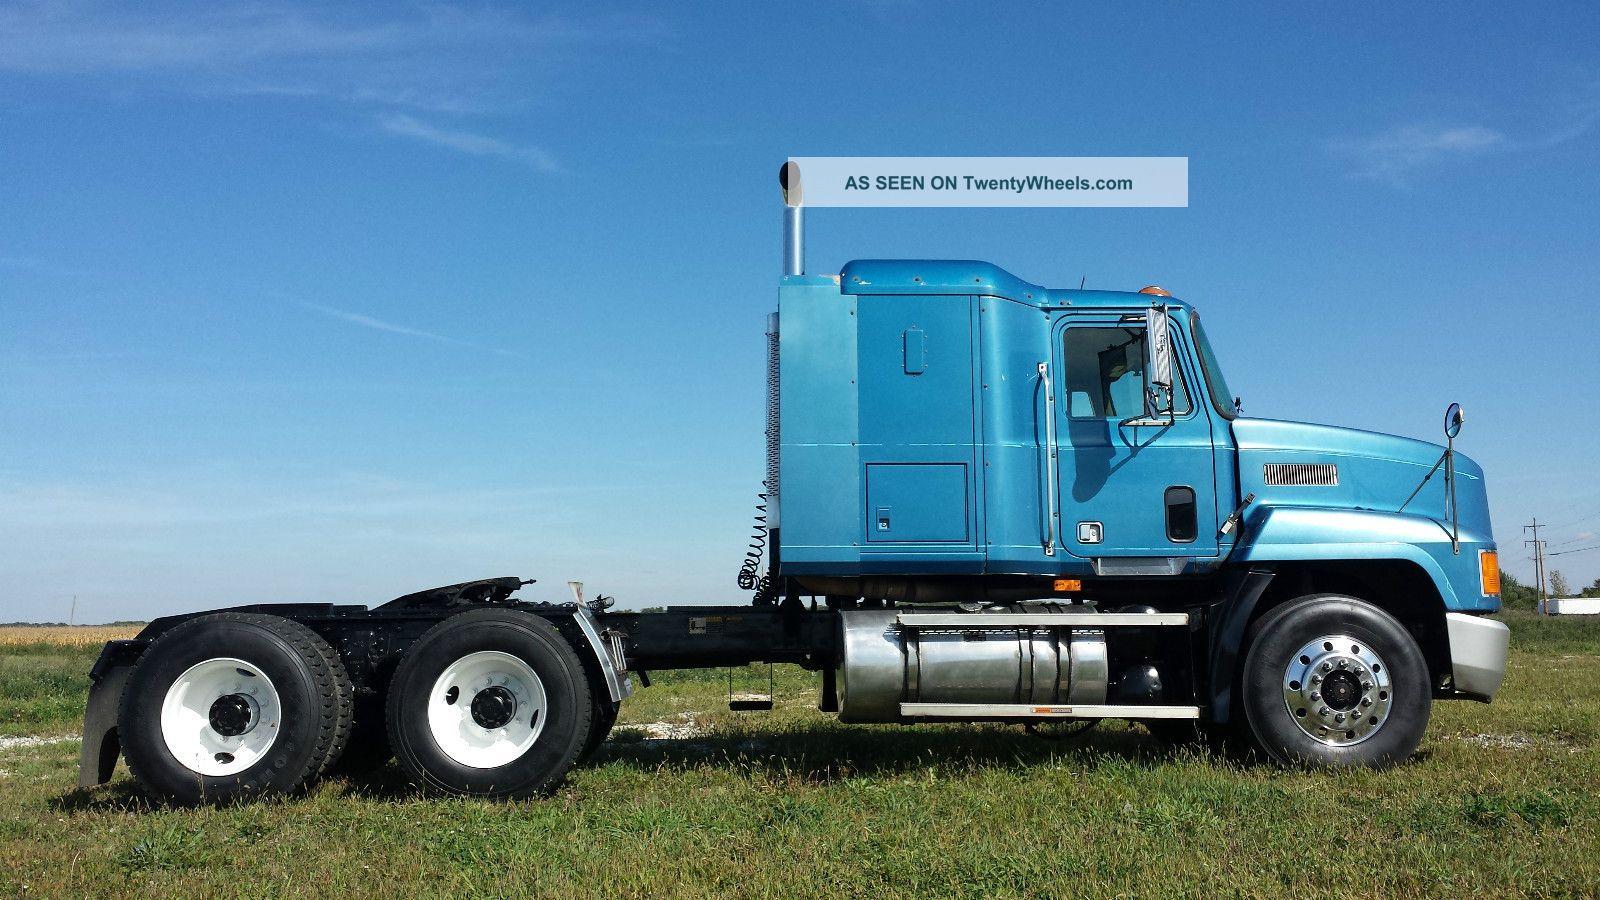 Allen Samuels Chevrolet Waco Mack Dump Trucks For Sale Lease New Used 1 25 | Chevrolet ...